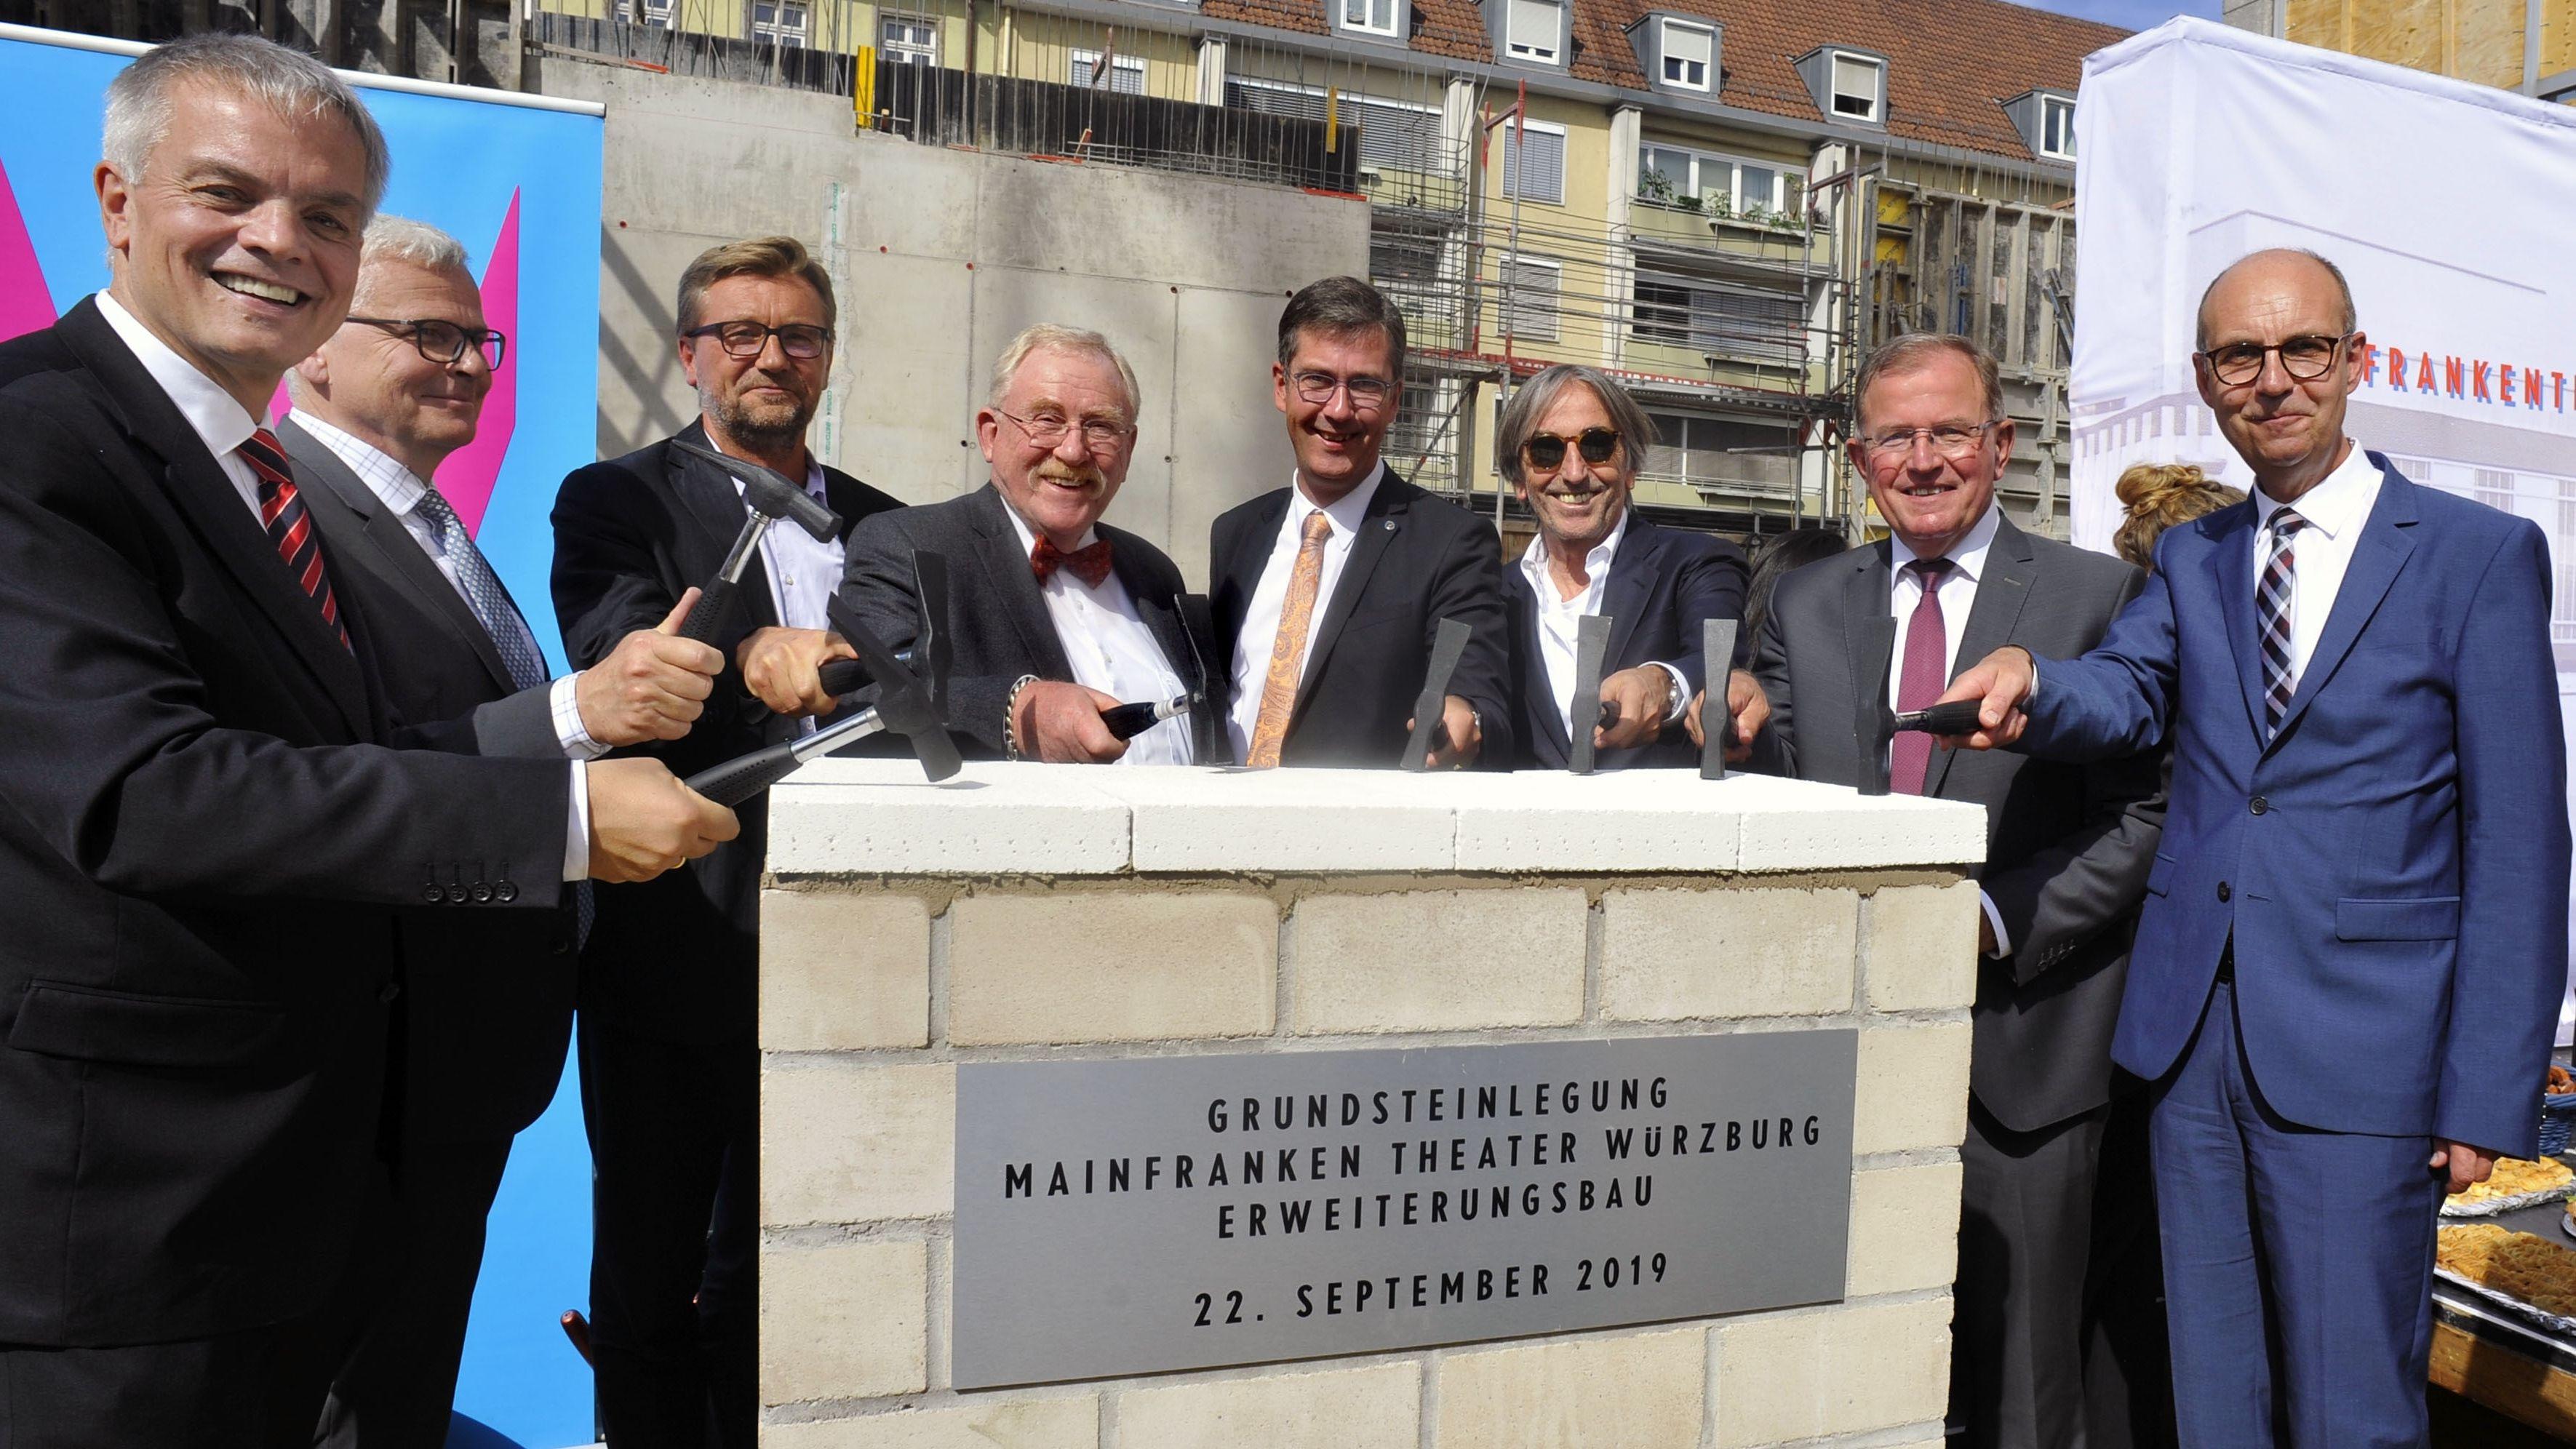 Mehrere Männer stehen bei einer Grundsteinlegung am Mainfranken Theater Würzburg um eine Säule herum und haben Hammer in den Händen.